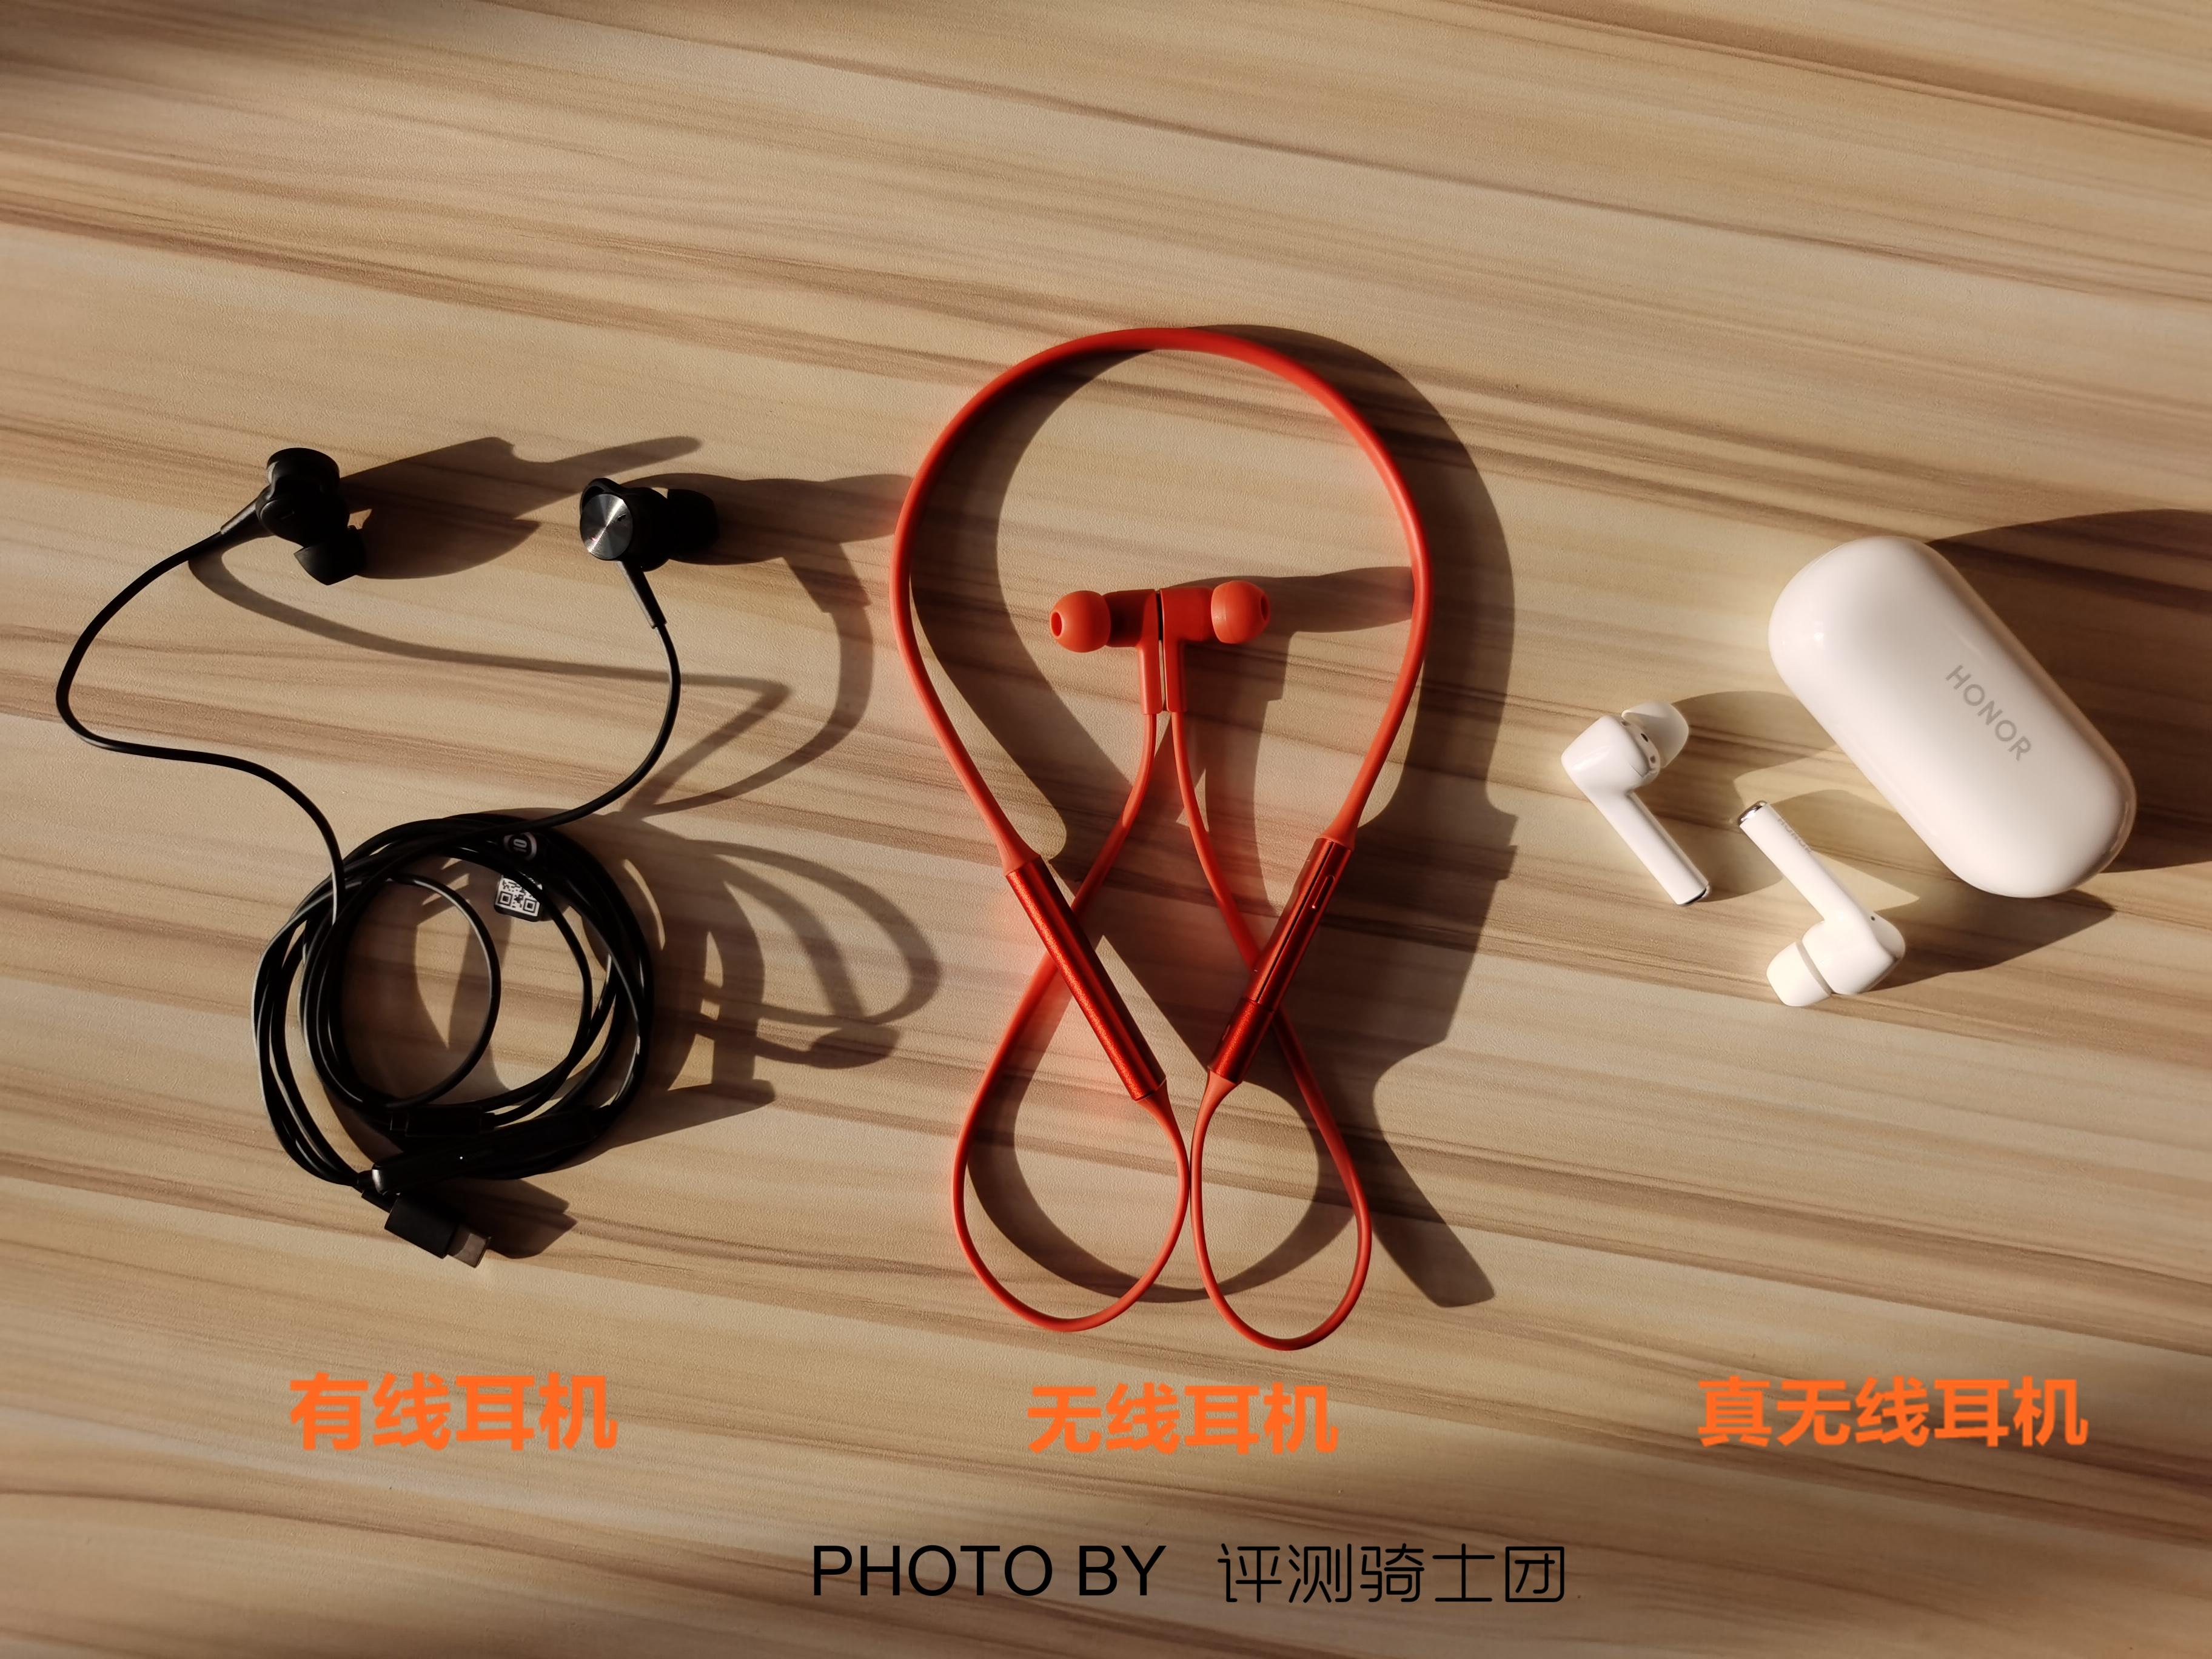 三代耳机1.jpg